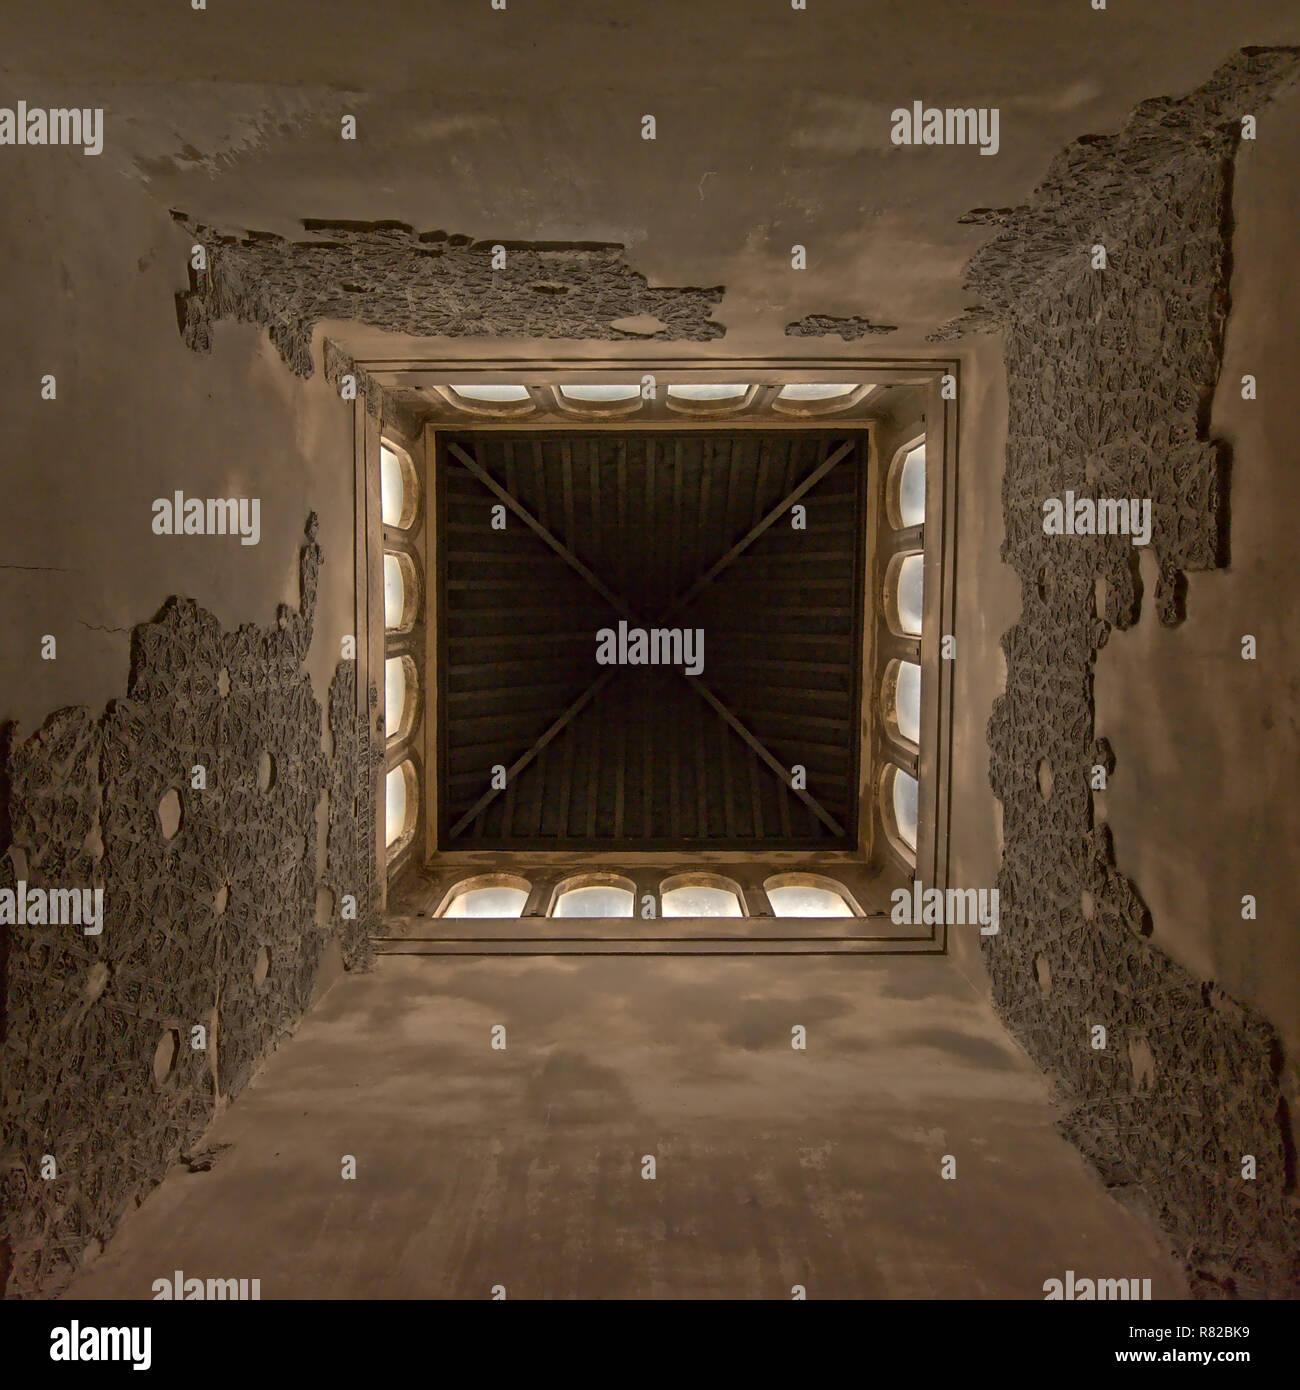 Ángulo bajo vista centrada en el interior de una torre, de palacio nazarí, con restos de tallas de piedra decorativa y ventanas de arco en la parte superior Alhamb Foto de stock